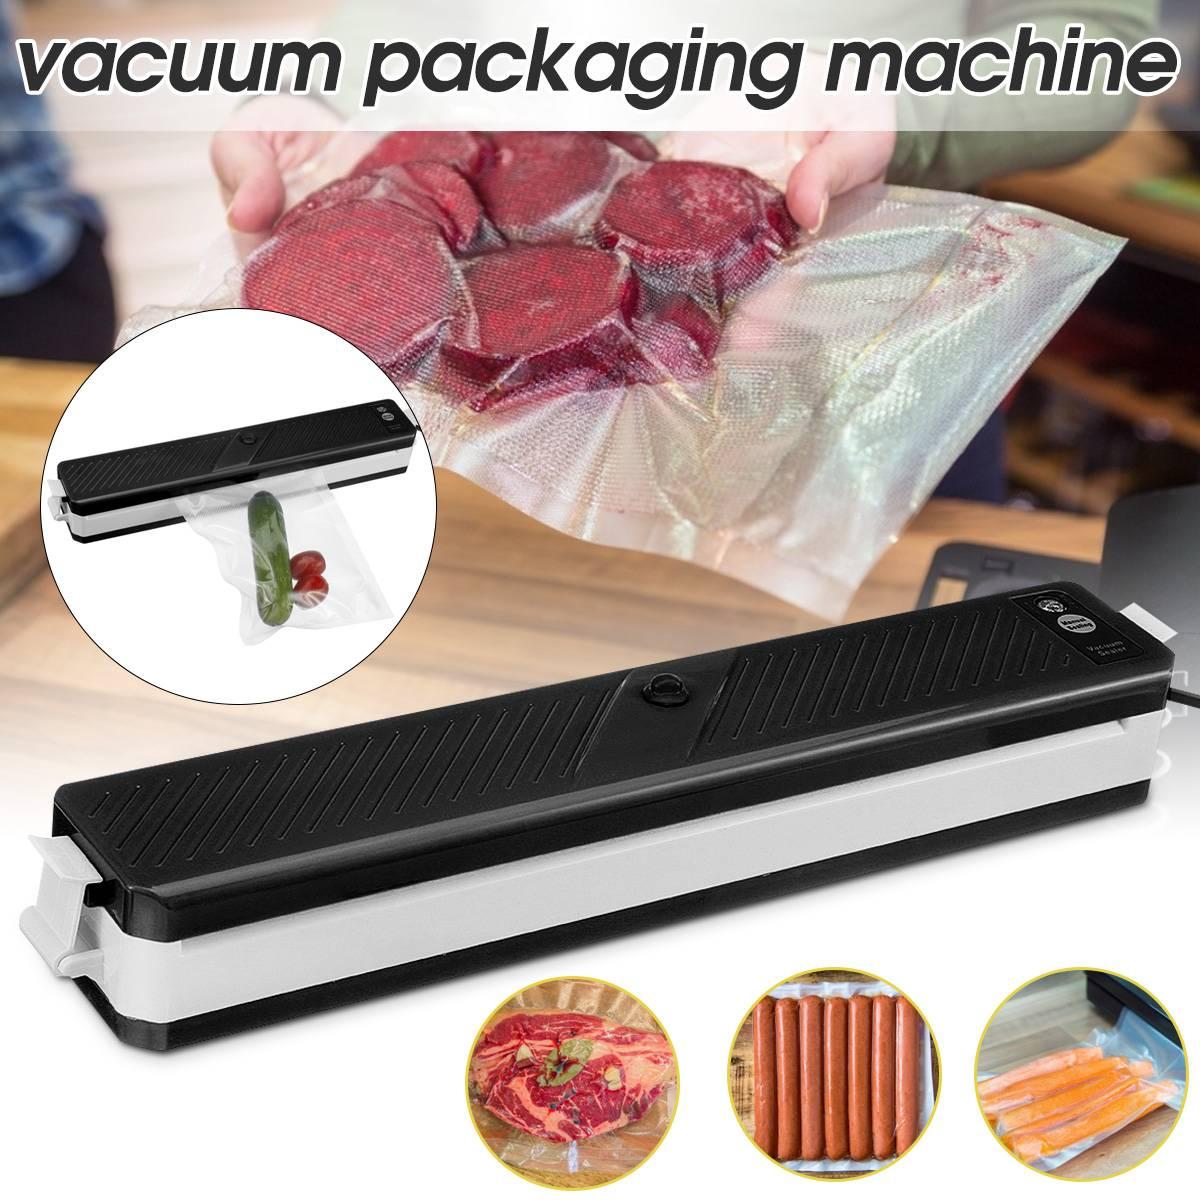 Automatic Household Vacuum Sealer Packing Machine Saver Food Sealing Kitchen Electric Vacuum Sealer Storage Food+10pcs Bag